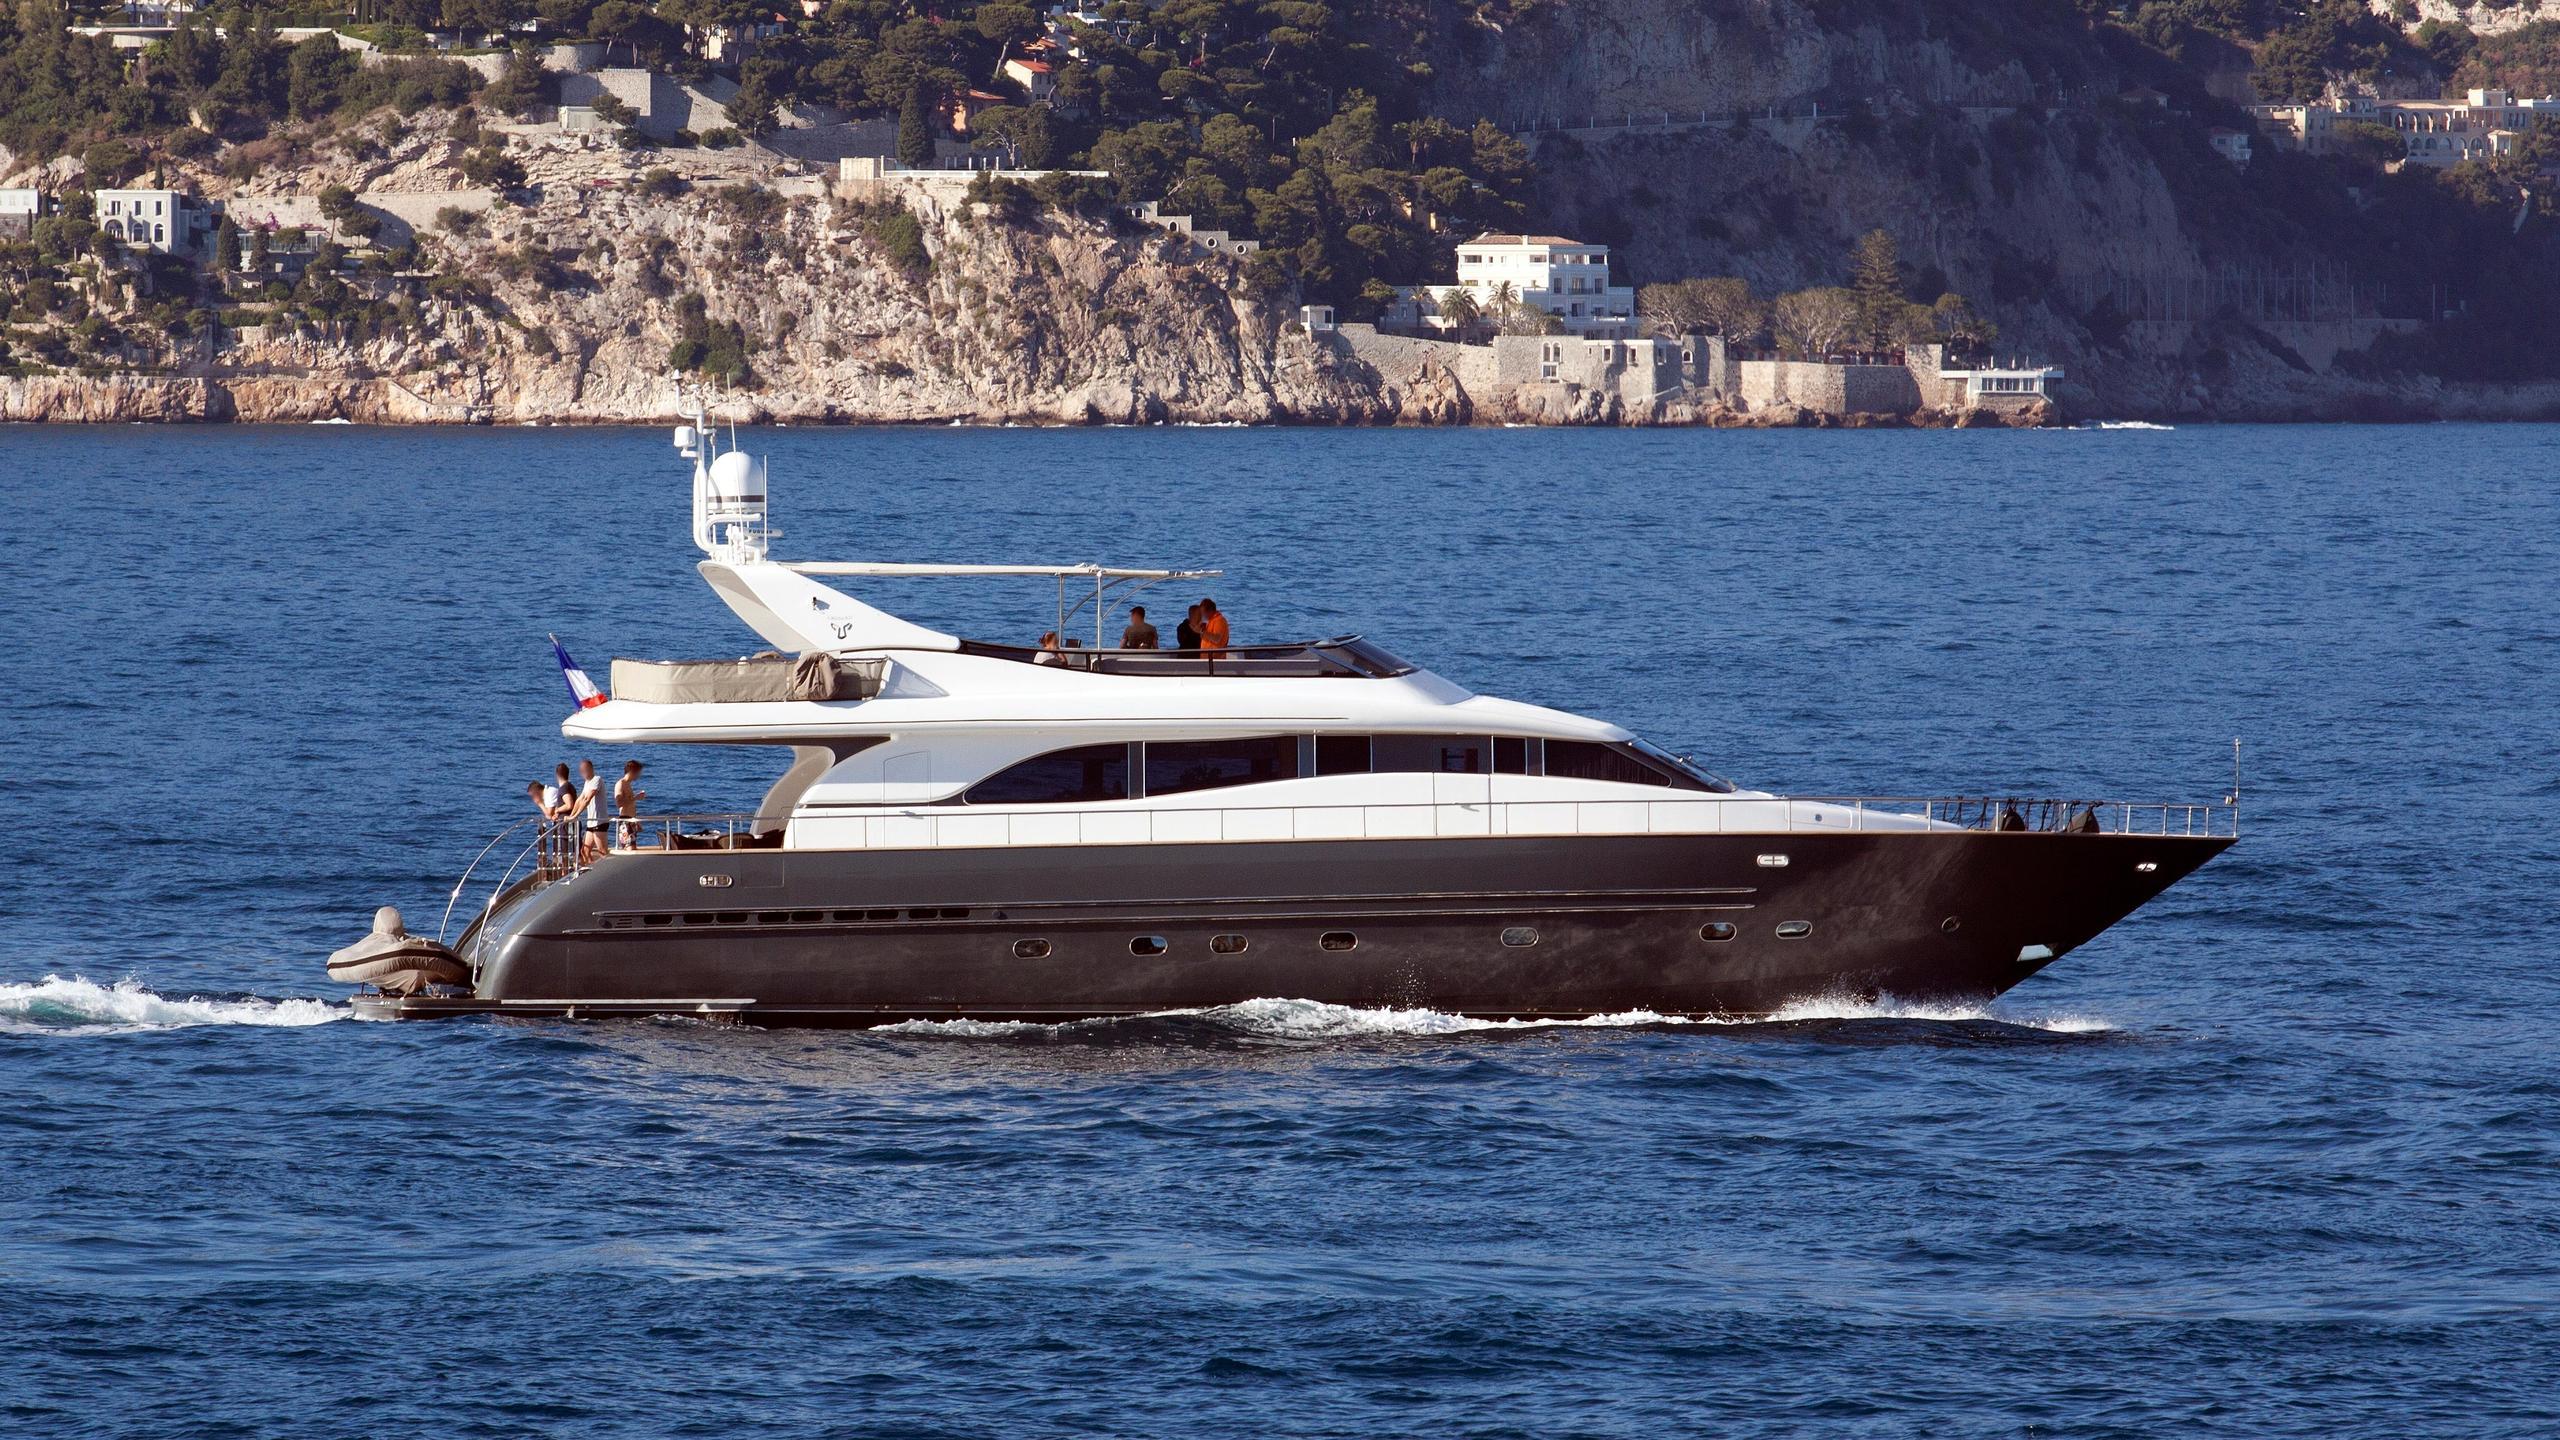 coca-vi-motor-yacht-arno-leopard-26-my-2000-26m-profile